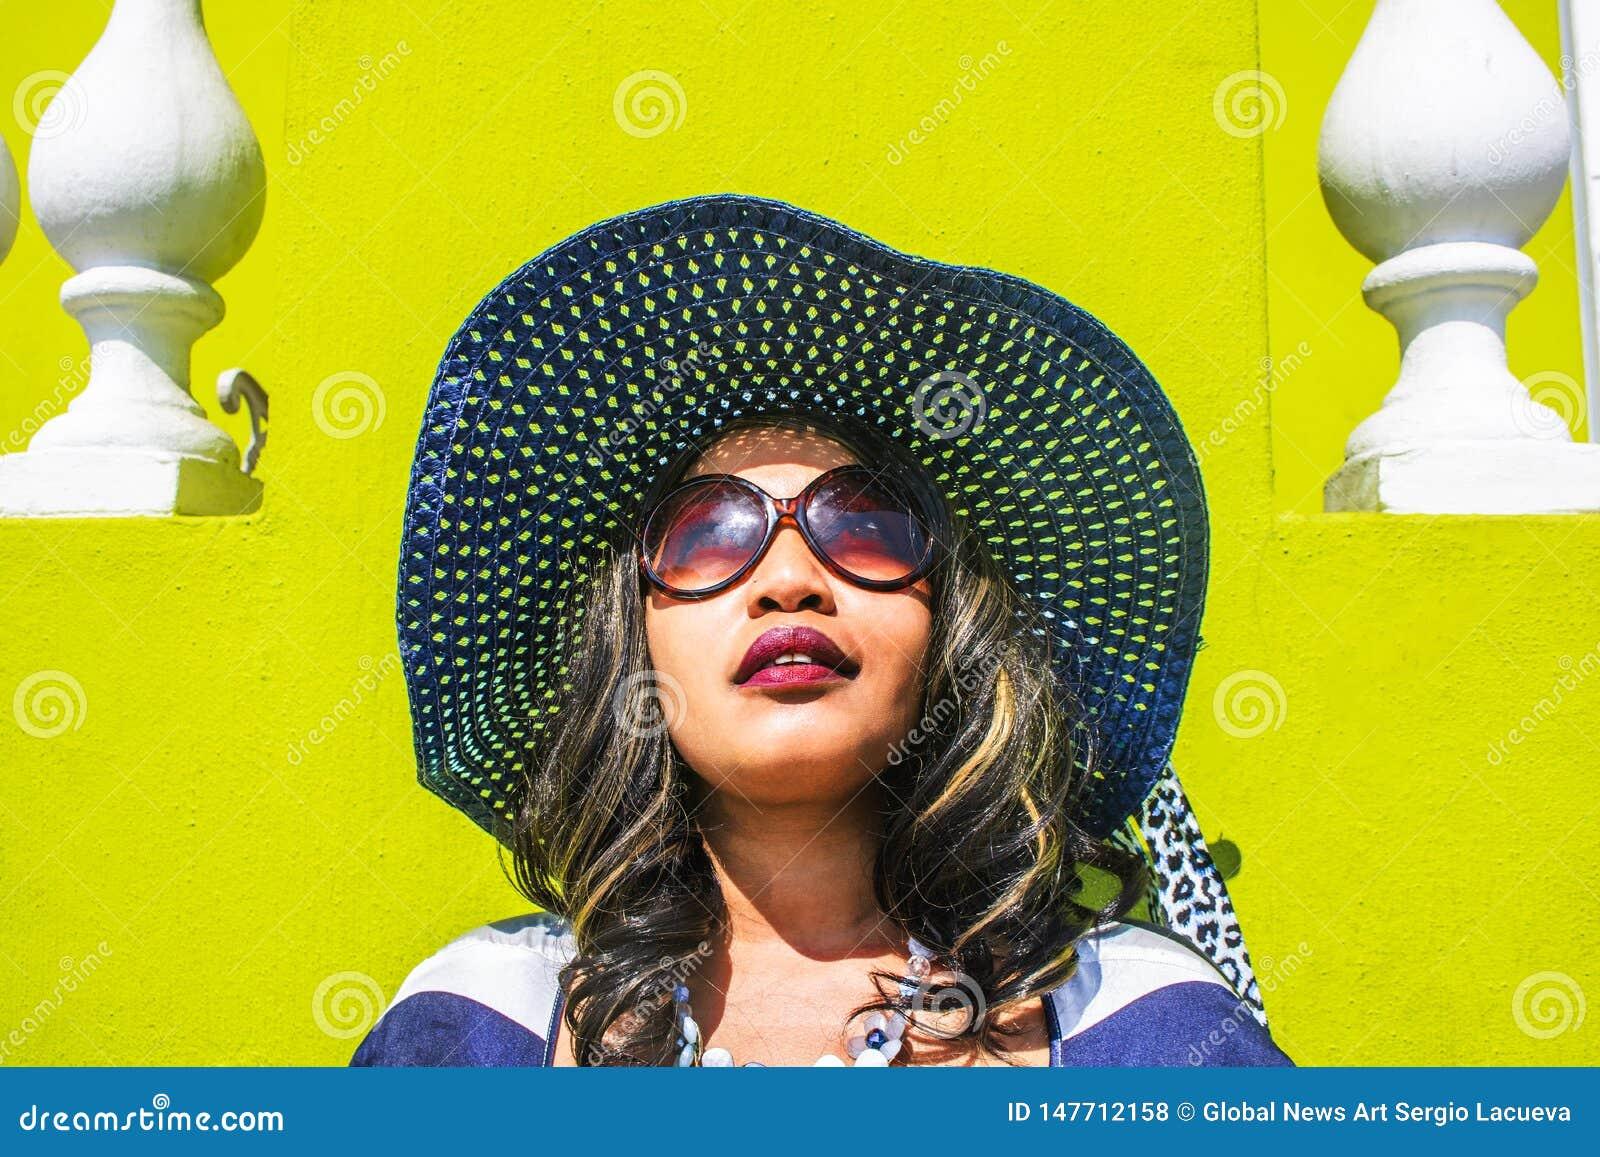 Feche acima de uma mulher africana bonita em um vestido listrado azul e branco que modela na frente de uma casa BO-Kaap tradicion